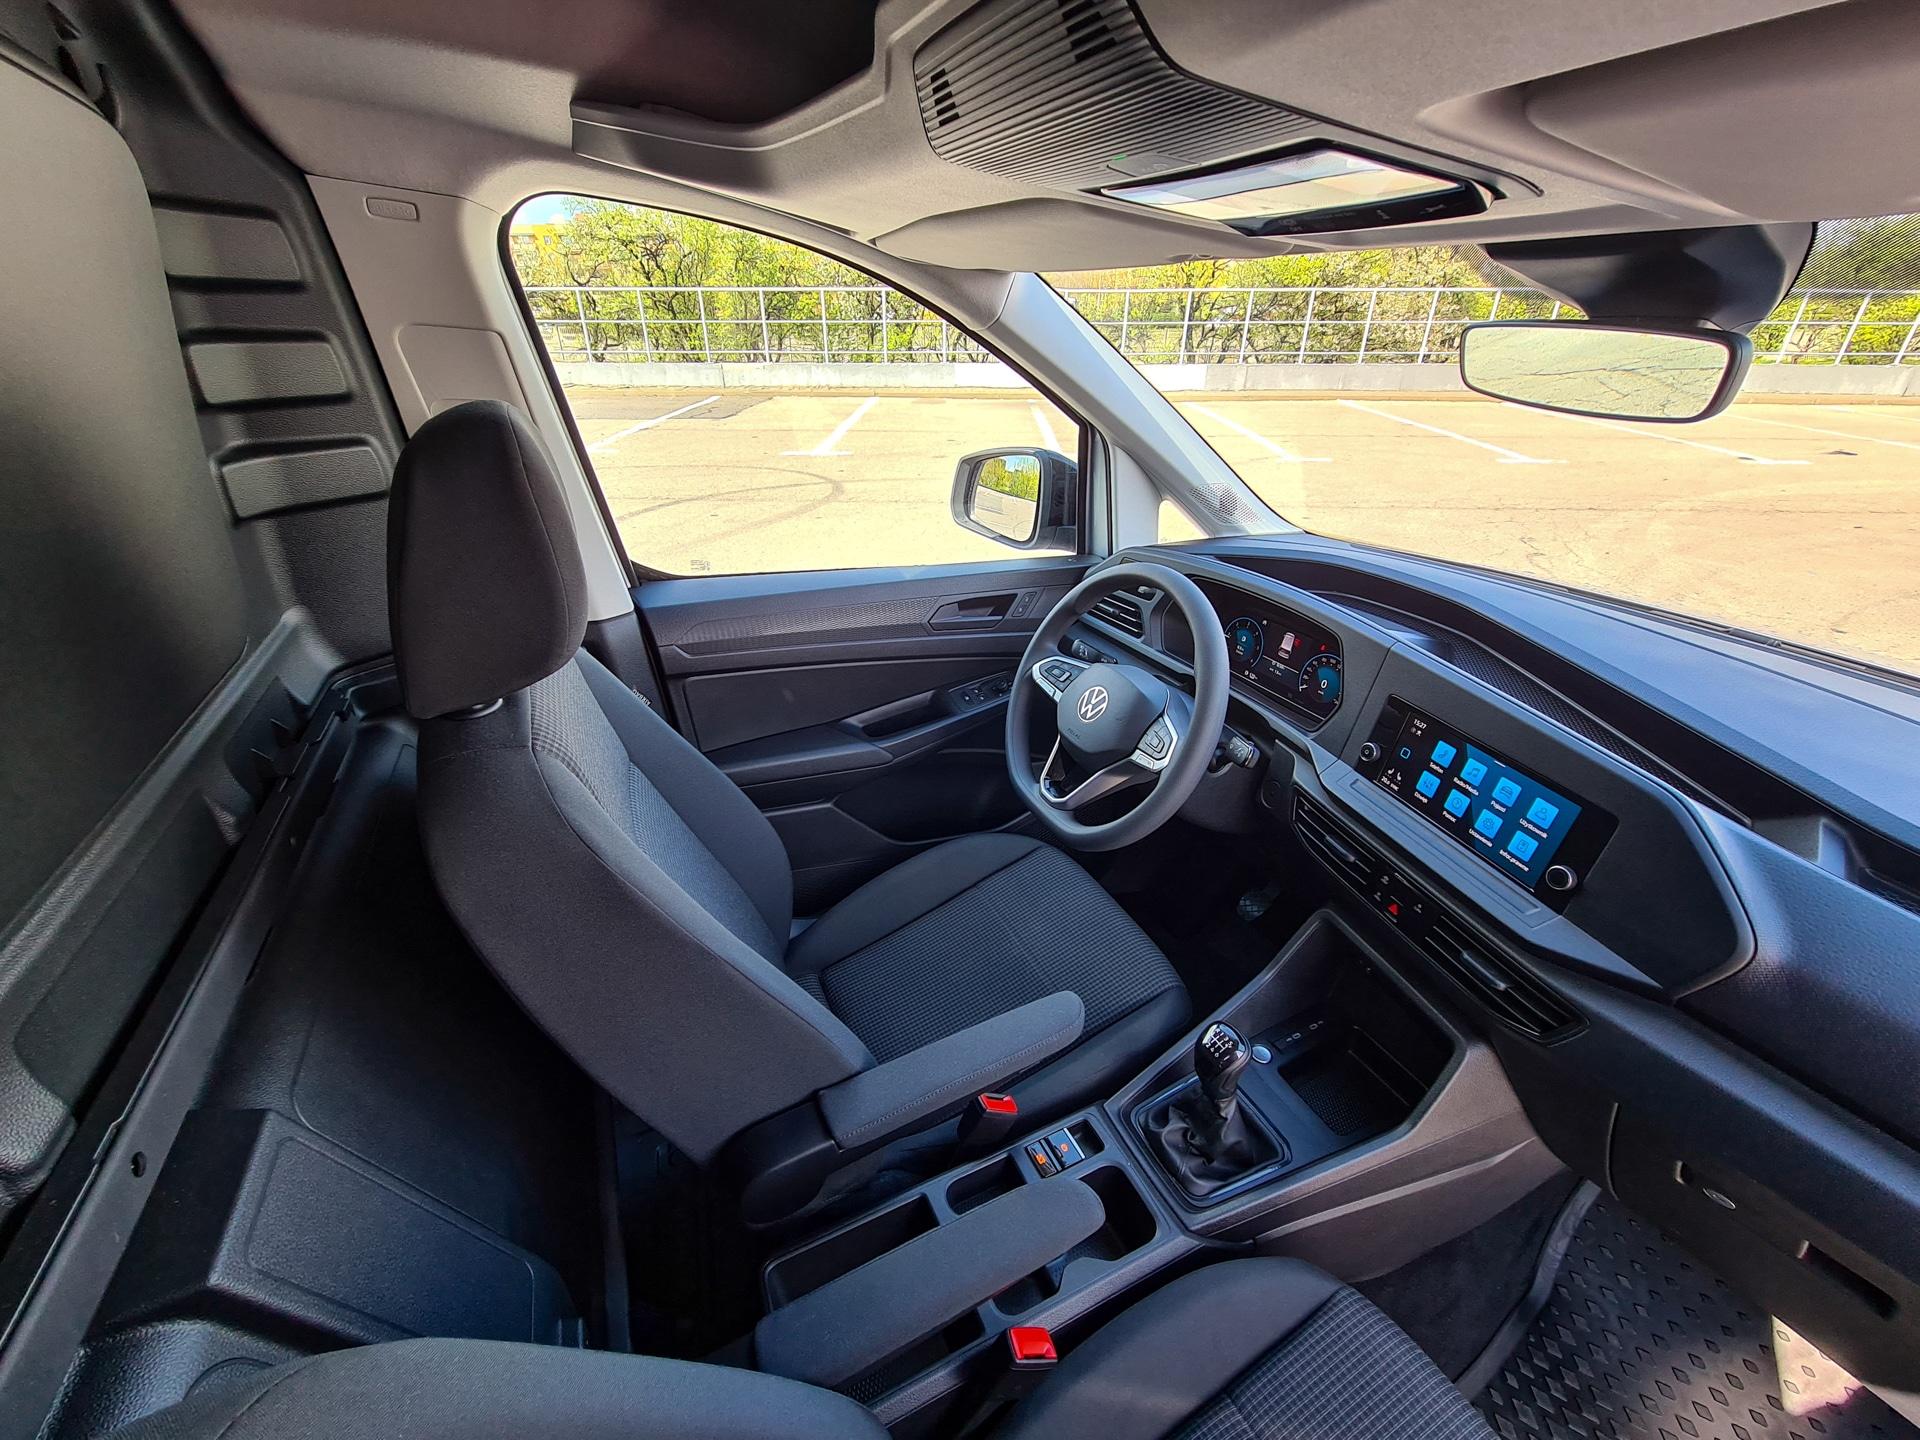 Nowy Volkswagen Caddy Cargo - kabina